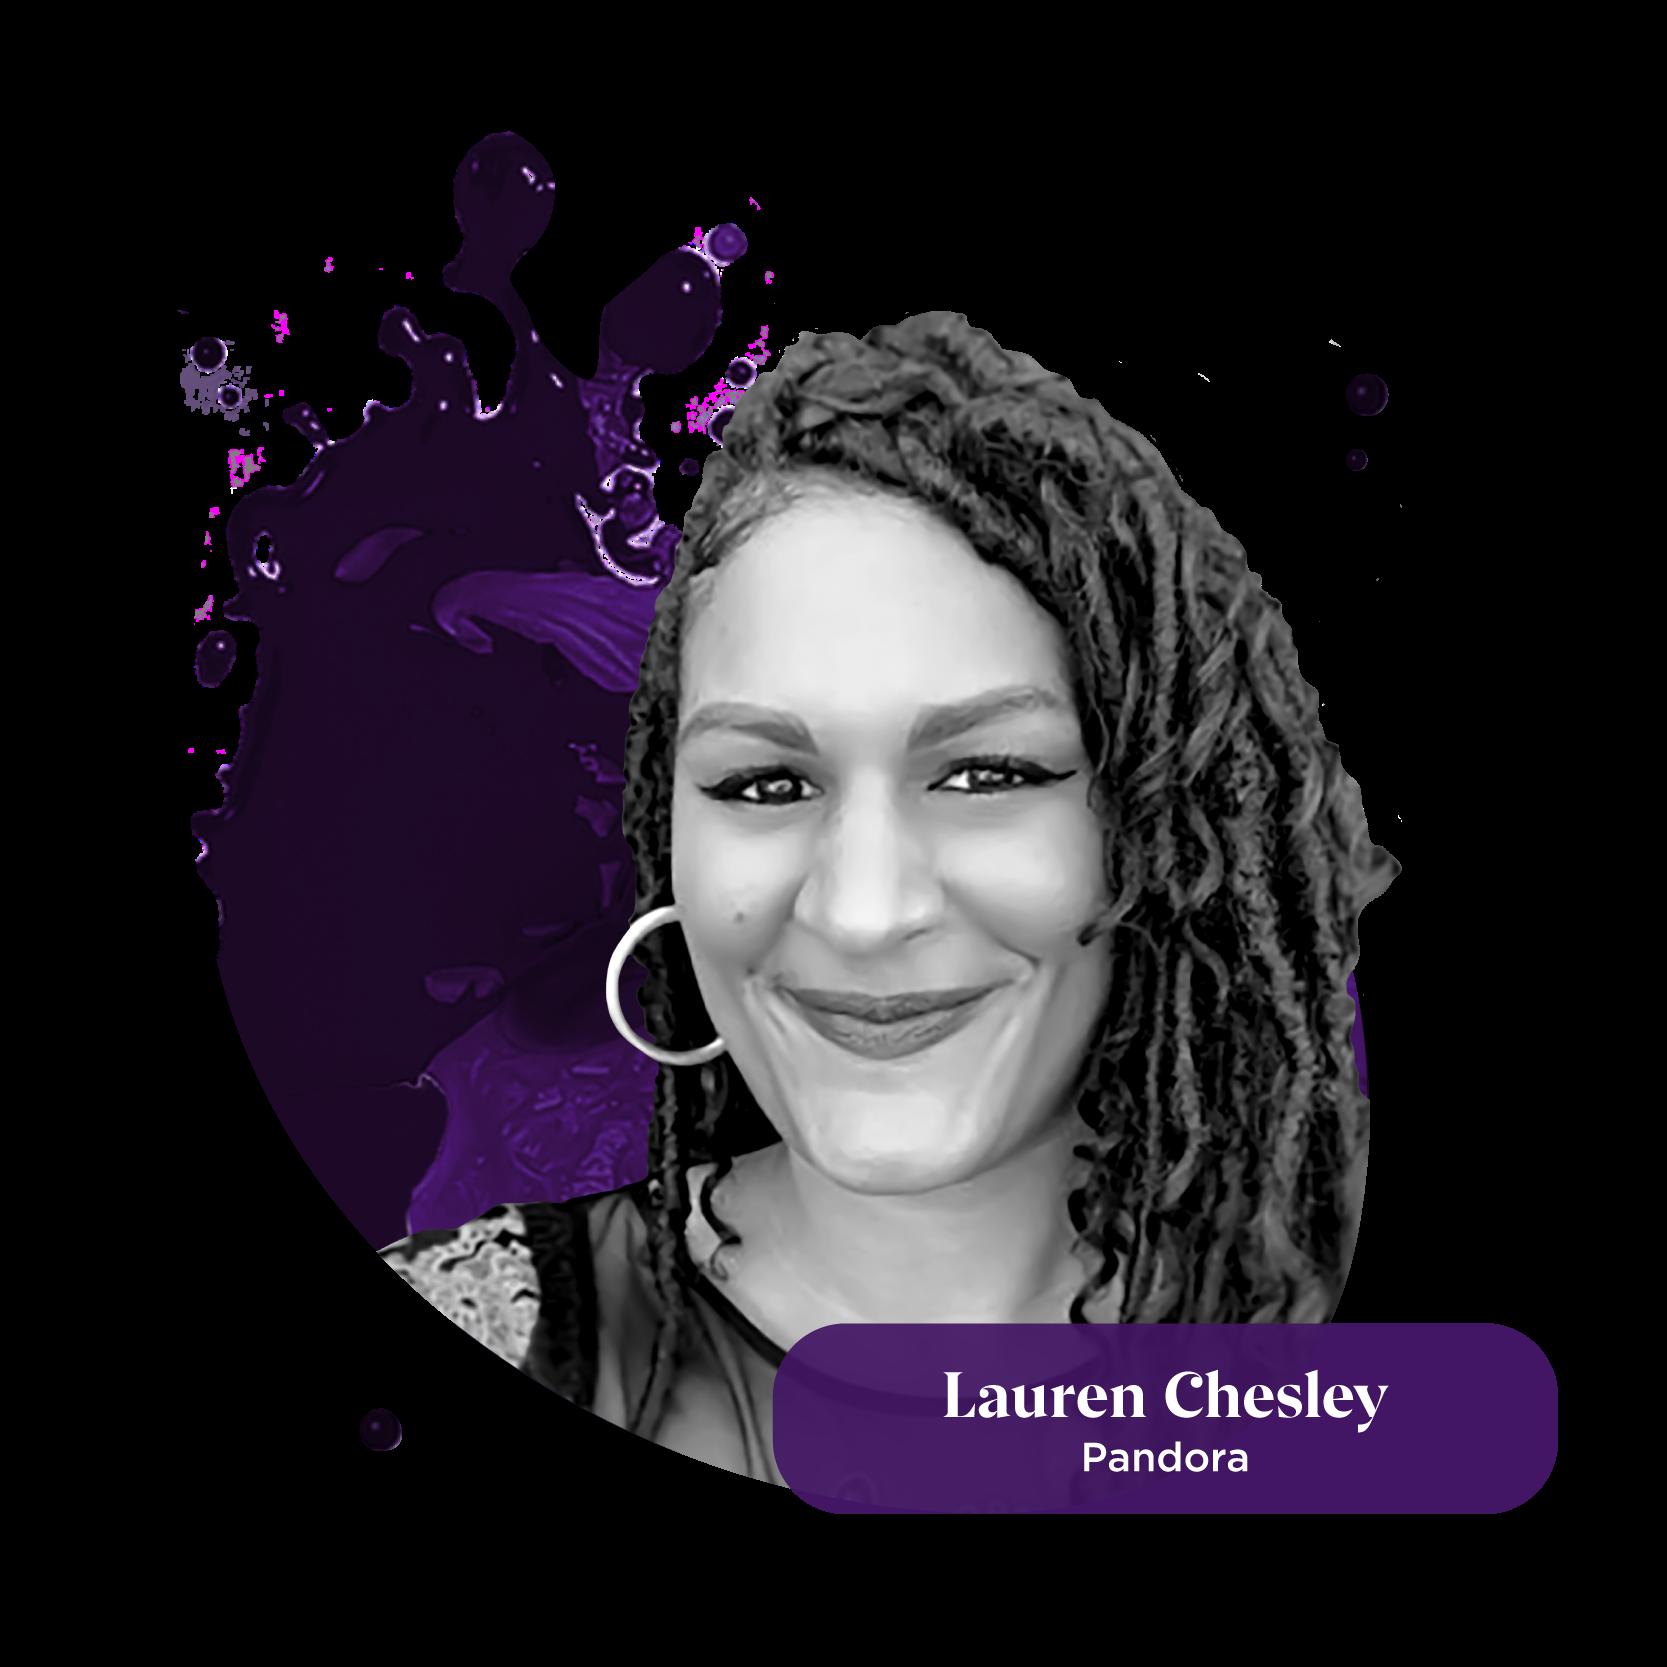 Lauren Chesley